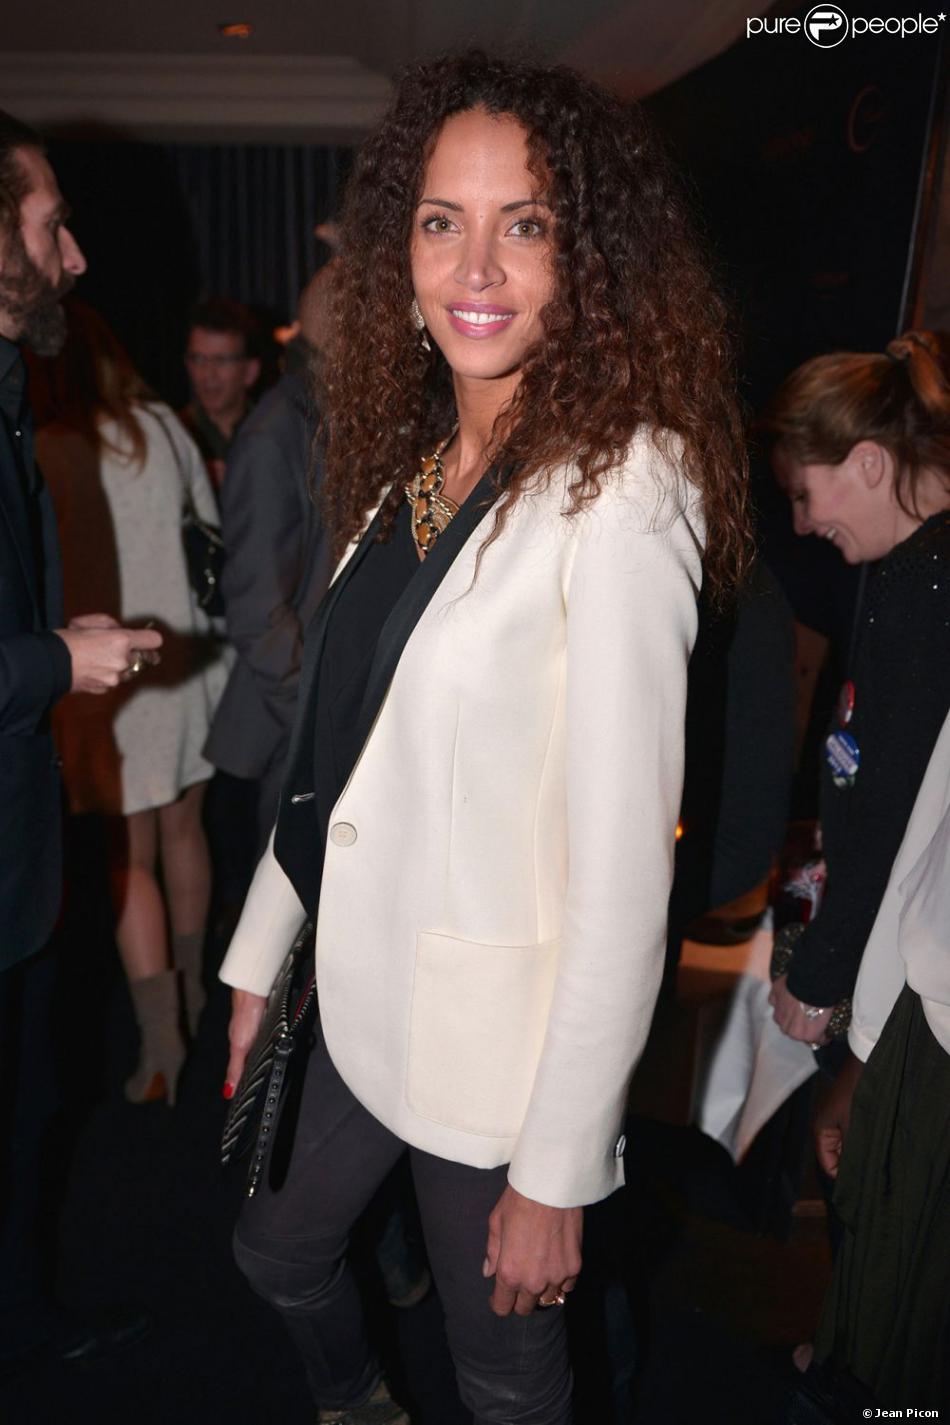 Noémie Lenoir lors de la soirée A Club - Toiles enchantées chez Castel le jeudi 13 décembre 2012